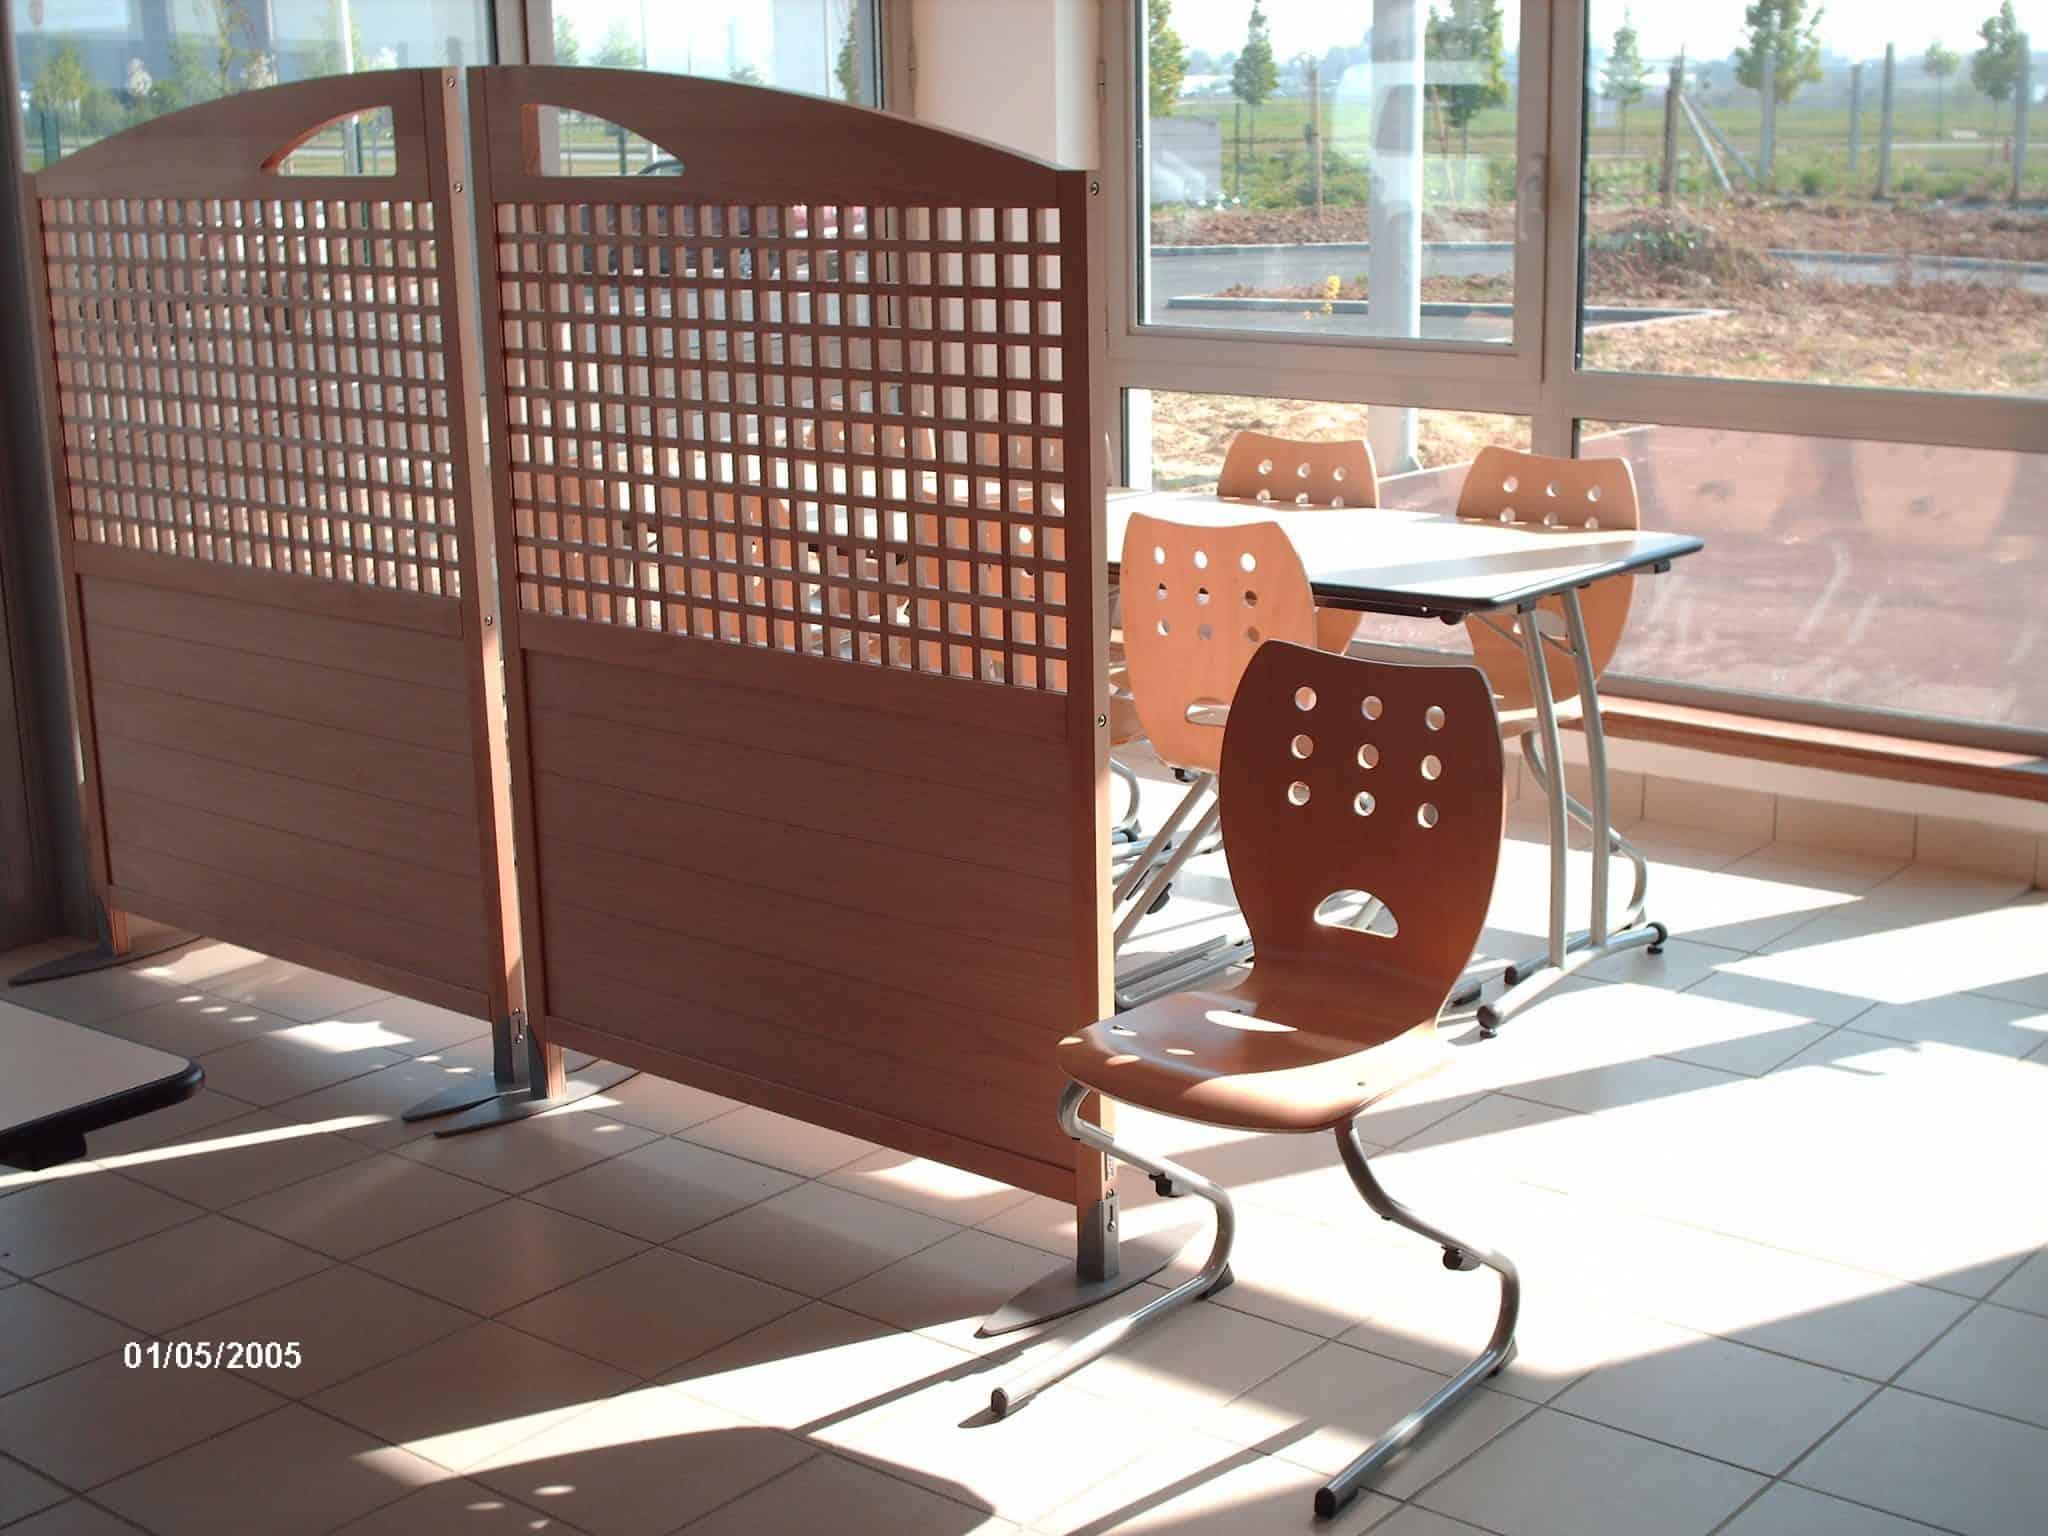 meilleur de chambre d hote evreux. Black Bedroom Furniture Sets. Home Design Ideas